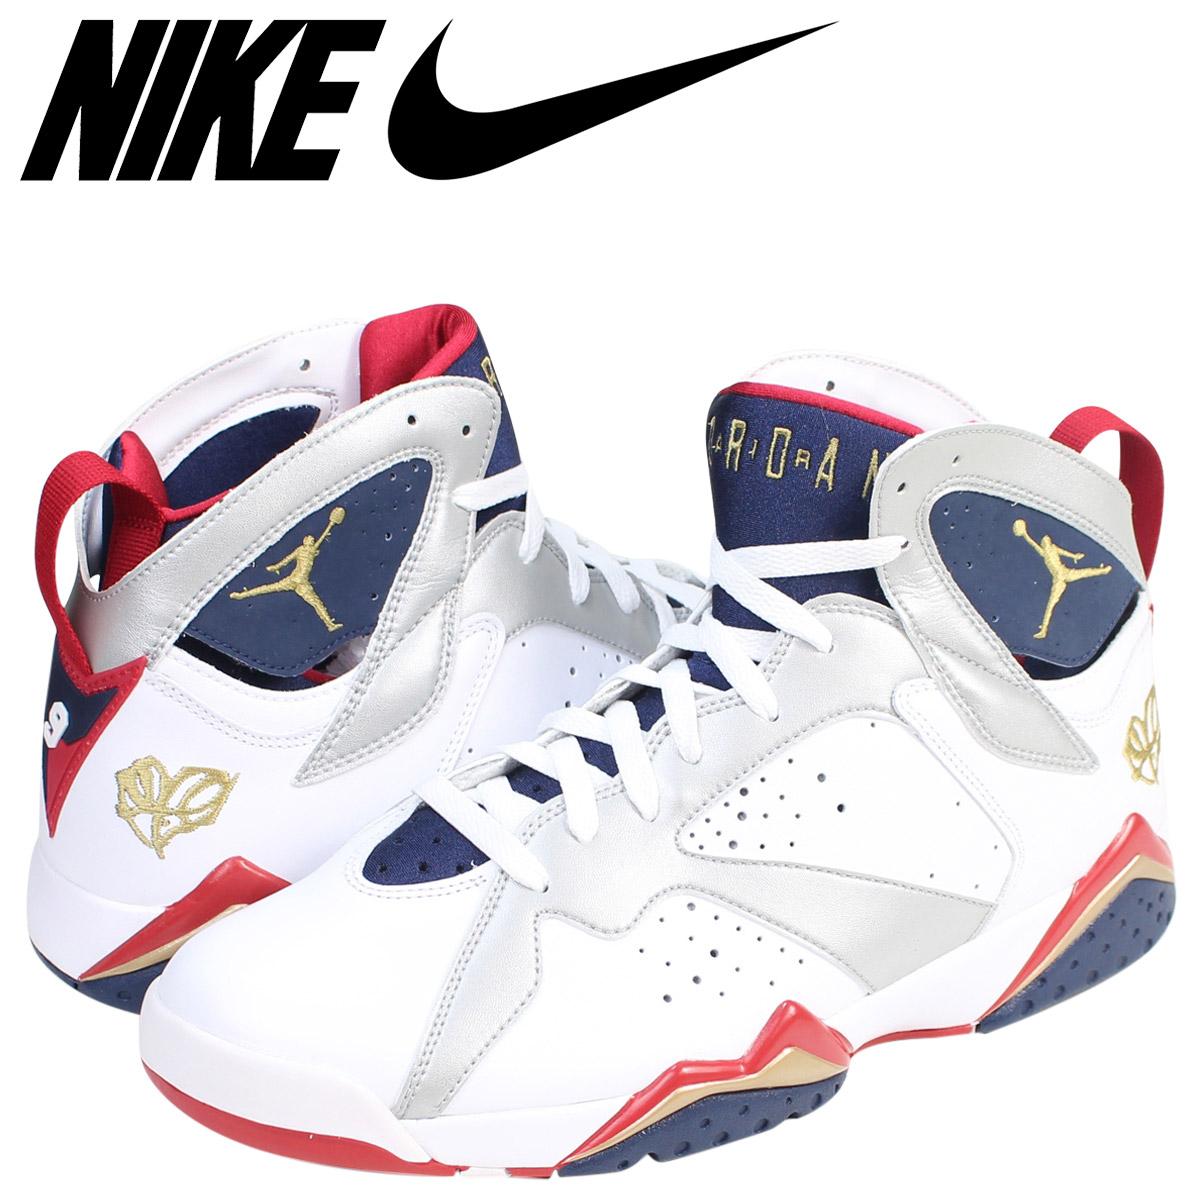 reputable site 99253 7bae7 NIKE Nike Air Jordan 7 nostalgic sneakers AIR JORDAN 7 RETRO OLYMPIC  304,775-103 men's shoes white